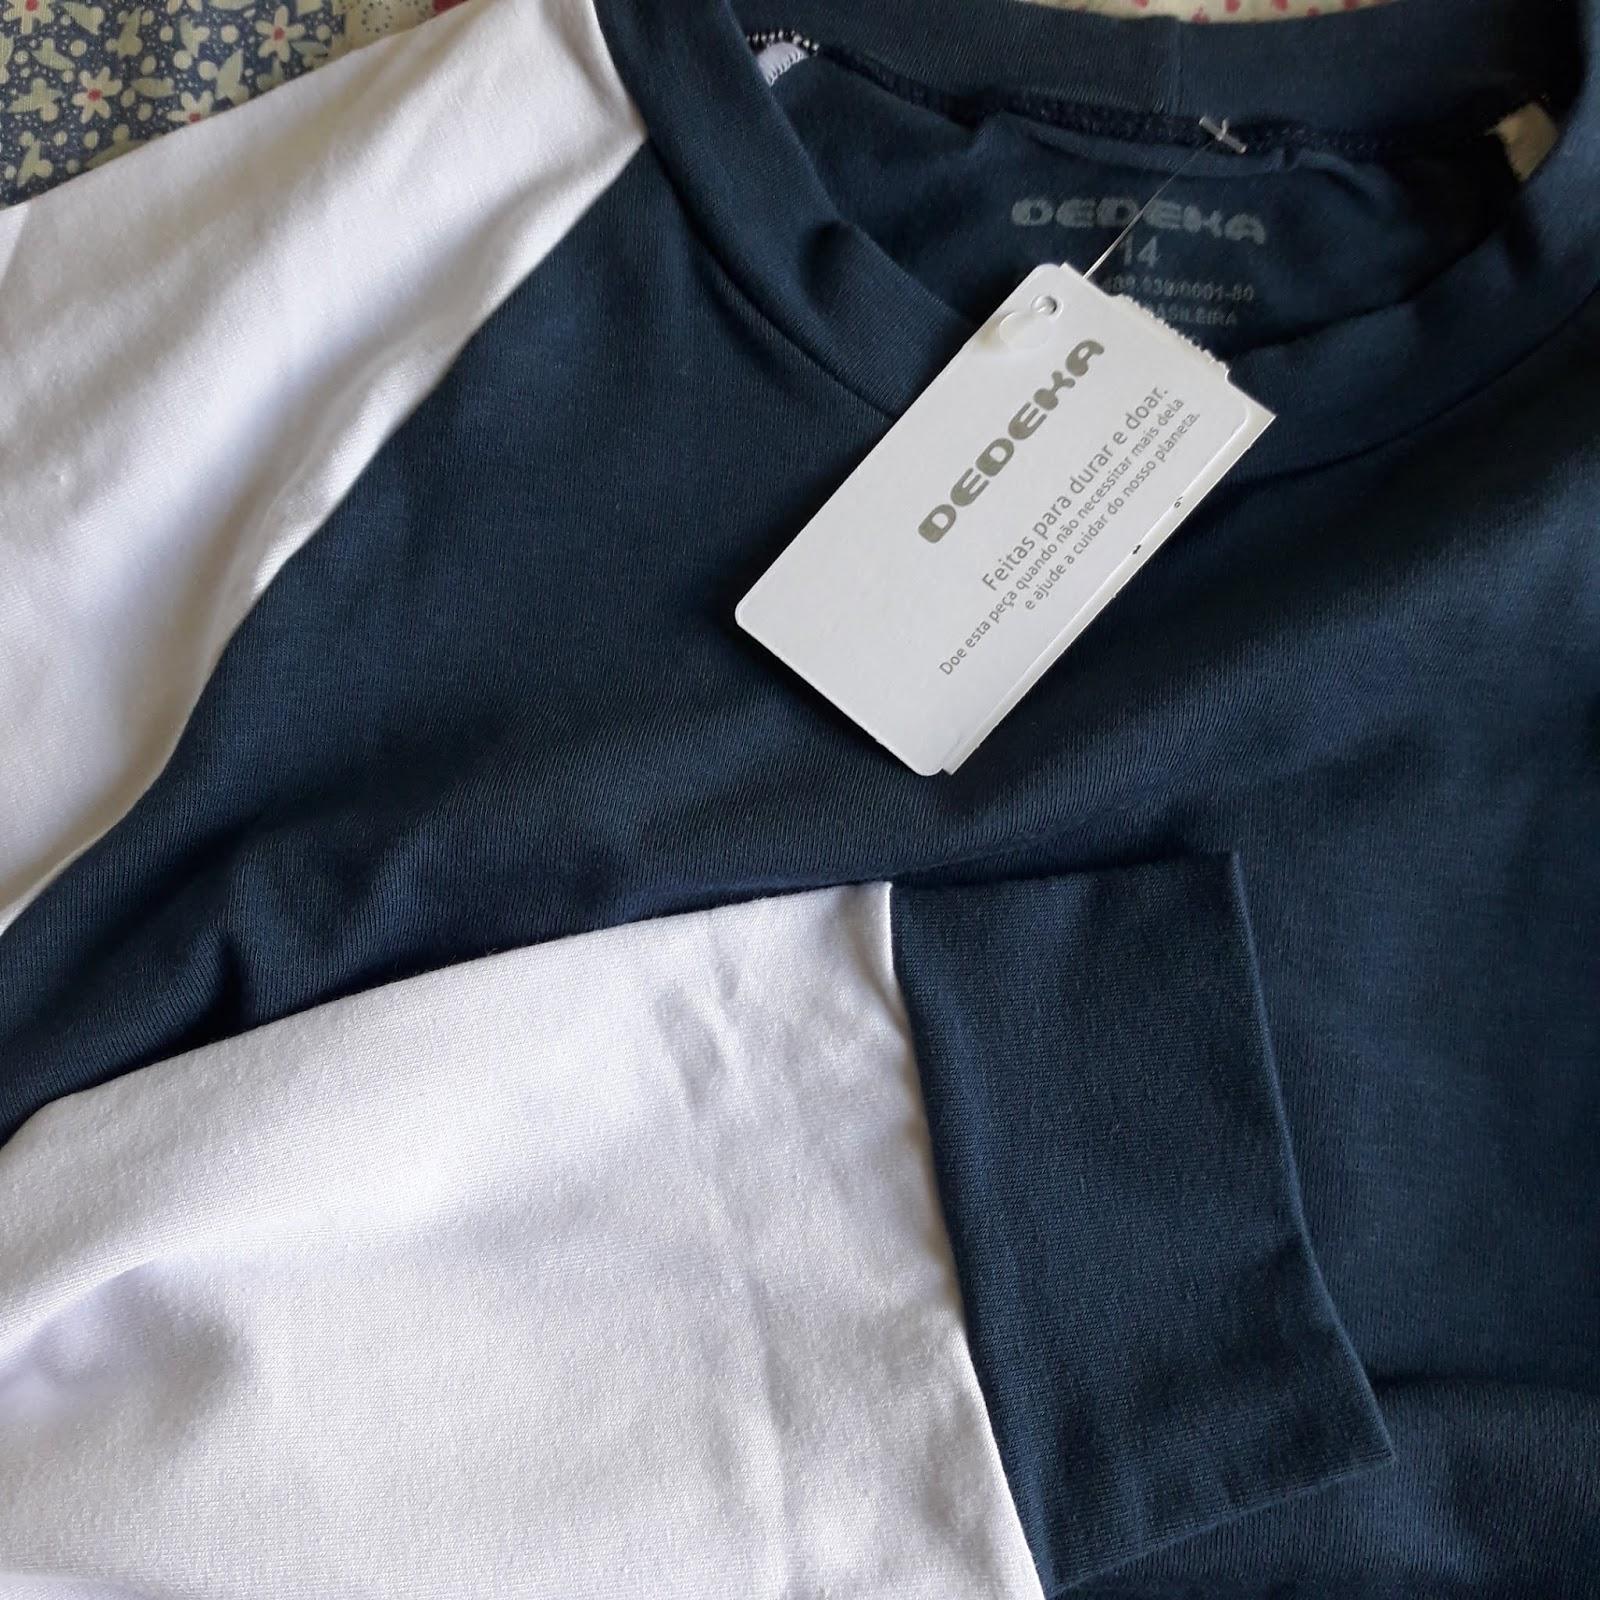 e7b9c0999e Calça azul marinho e camiseta azul marinho com mangas brancas. Tamanho 14  anos. Este é um tecido que reúne todo o conforto do algodão com o toque e o  ...